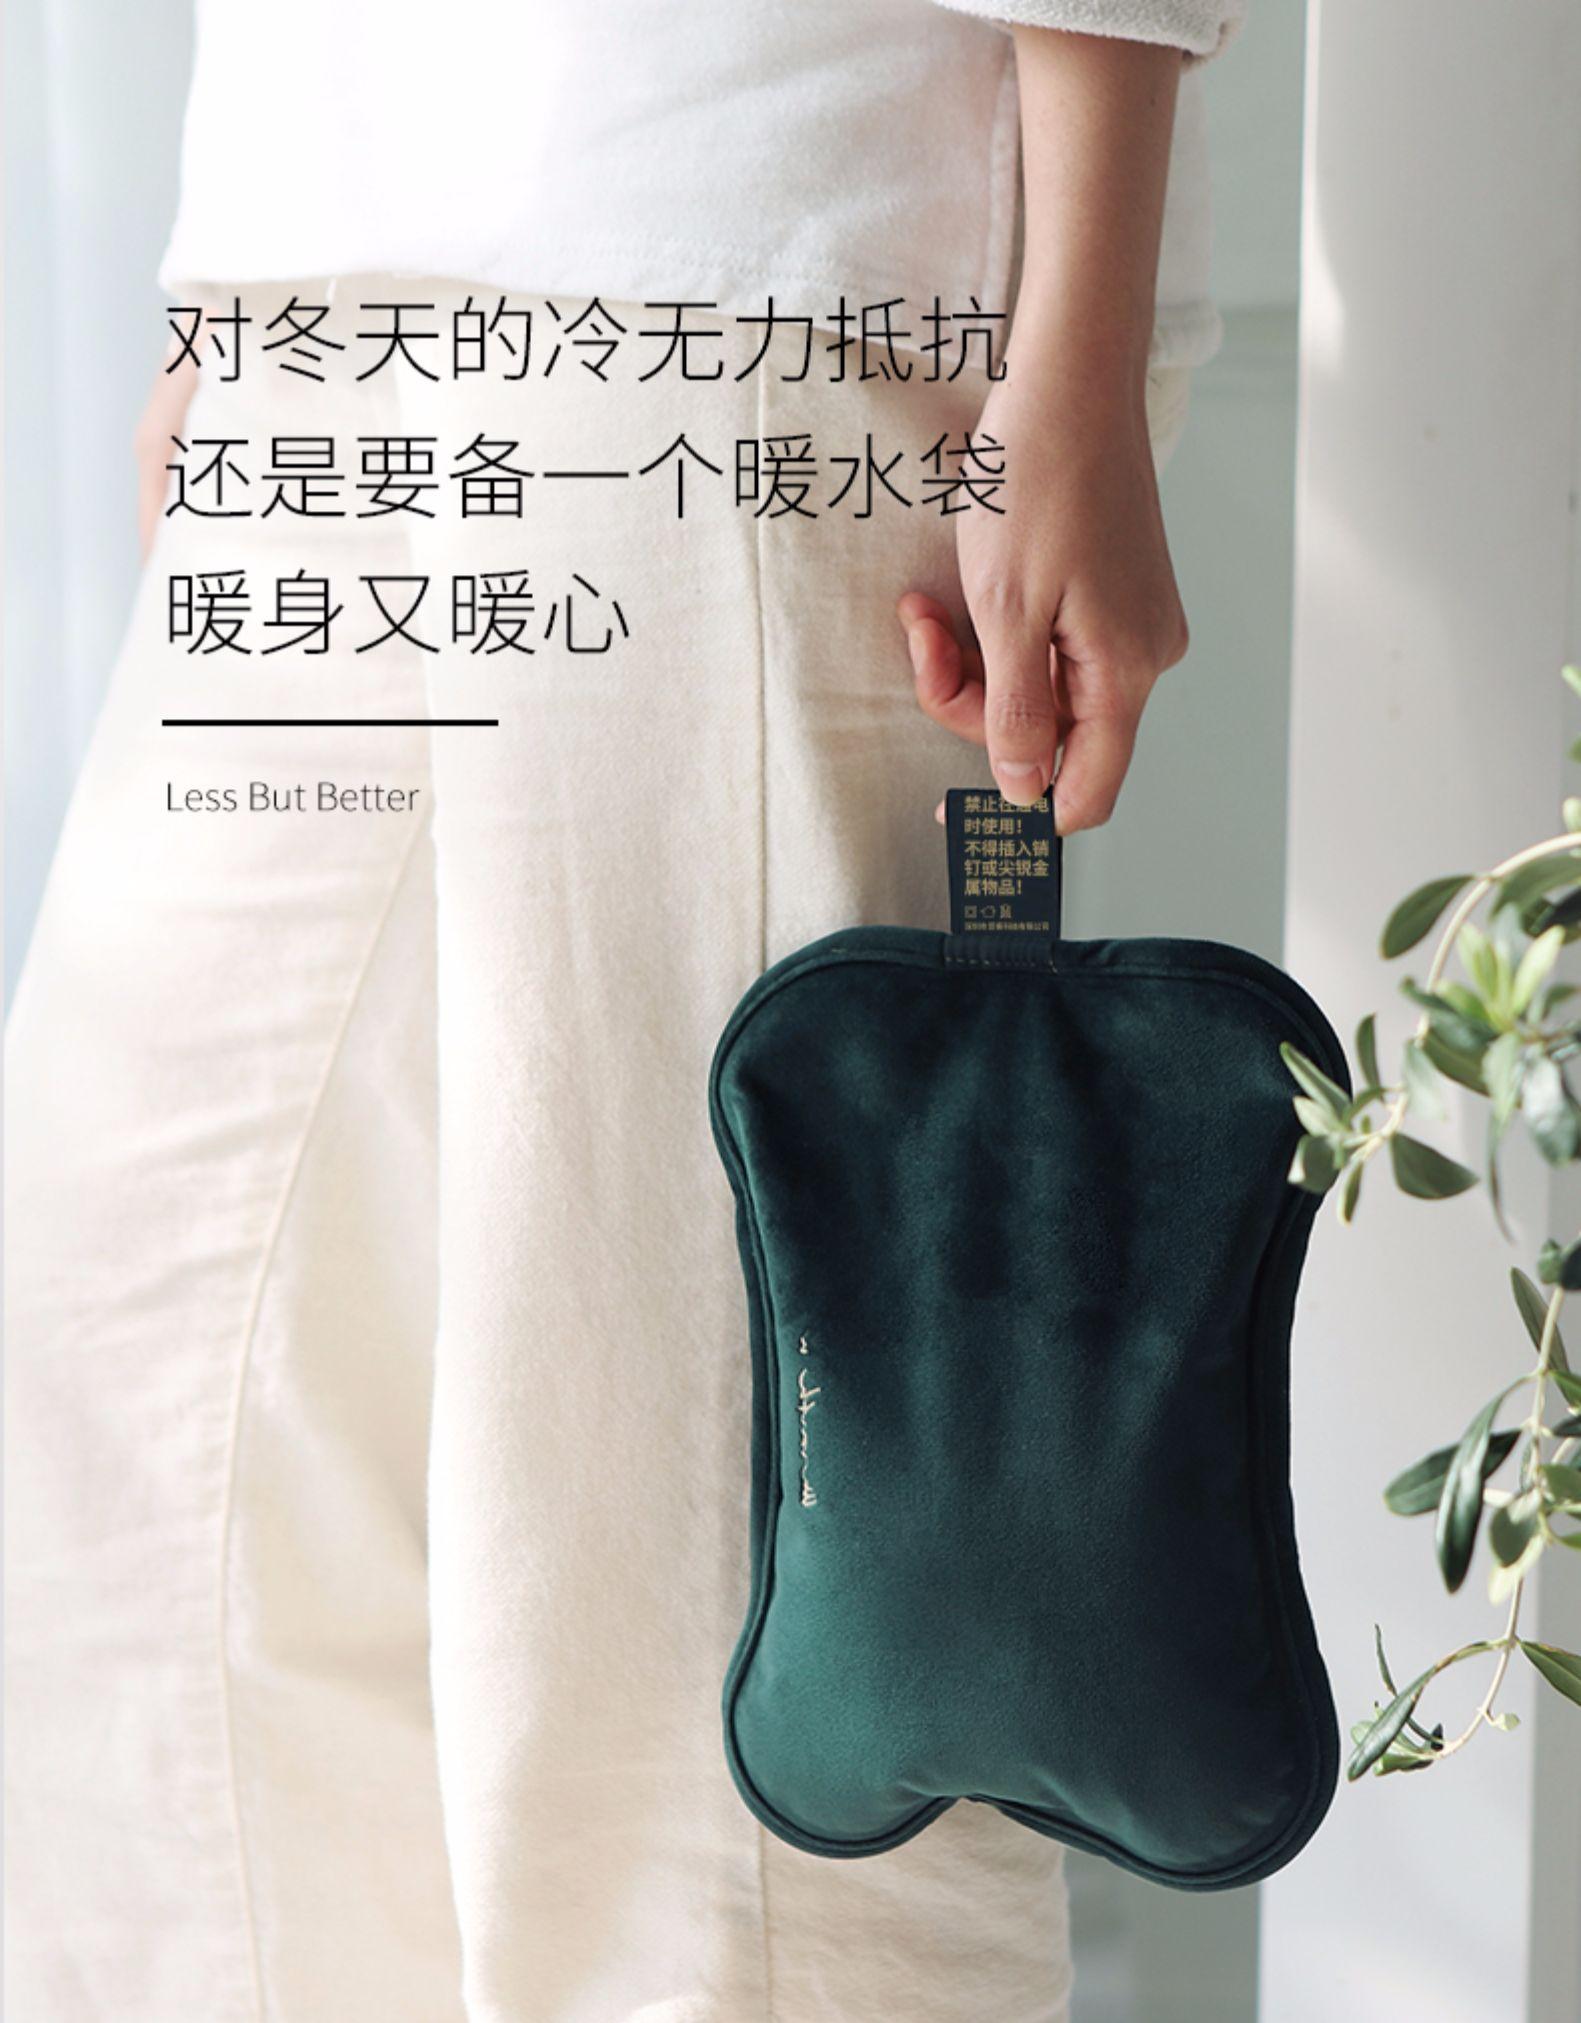 小米生态链 SOLOVE 素乐 R1 充电热水袋 天猫优惠券折后¥59包邮(¥69-10)